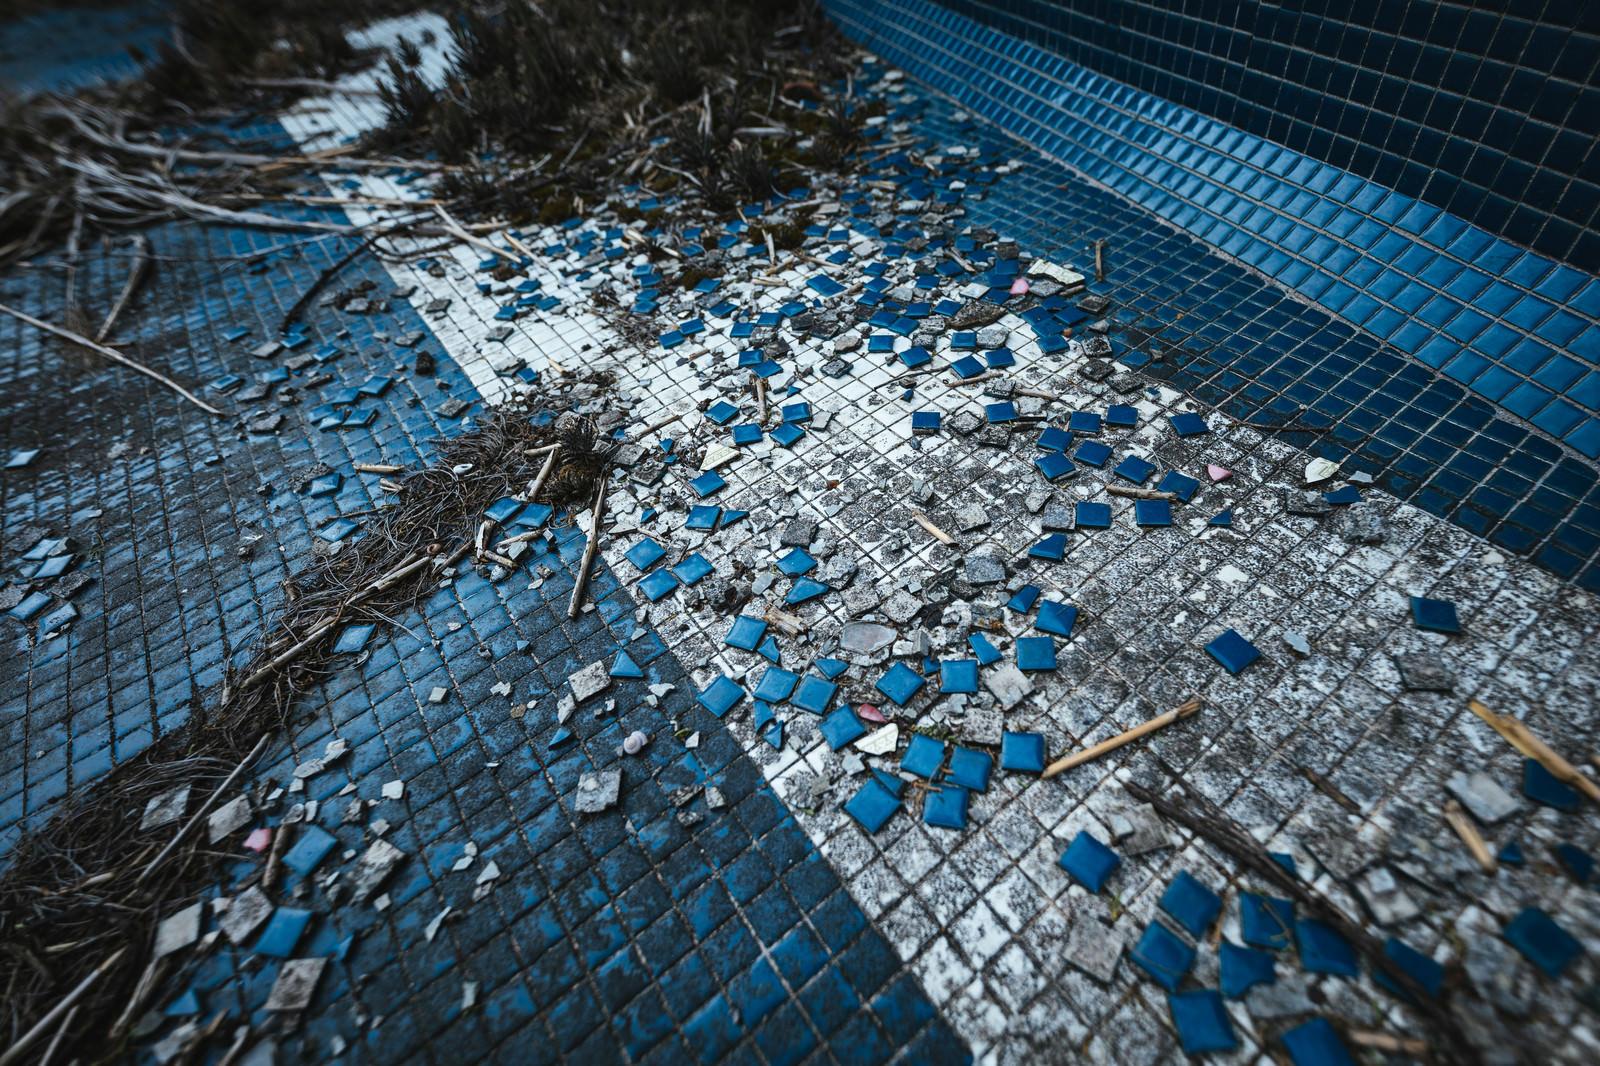 「タイルが散らばる不気味な場所(徳之島ニューオータニ・ホテル跡)」の写真